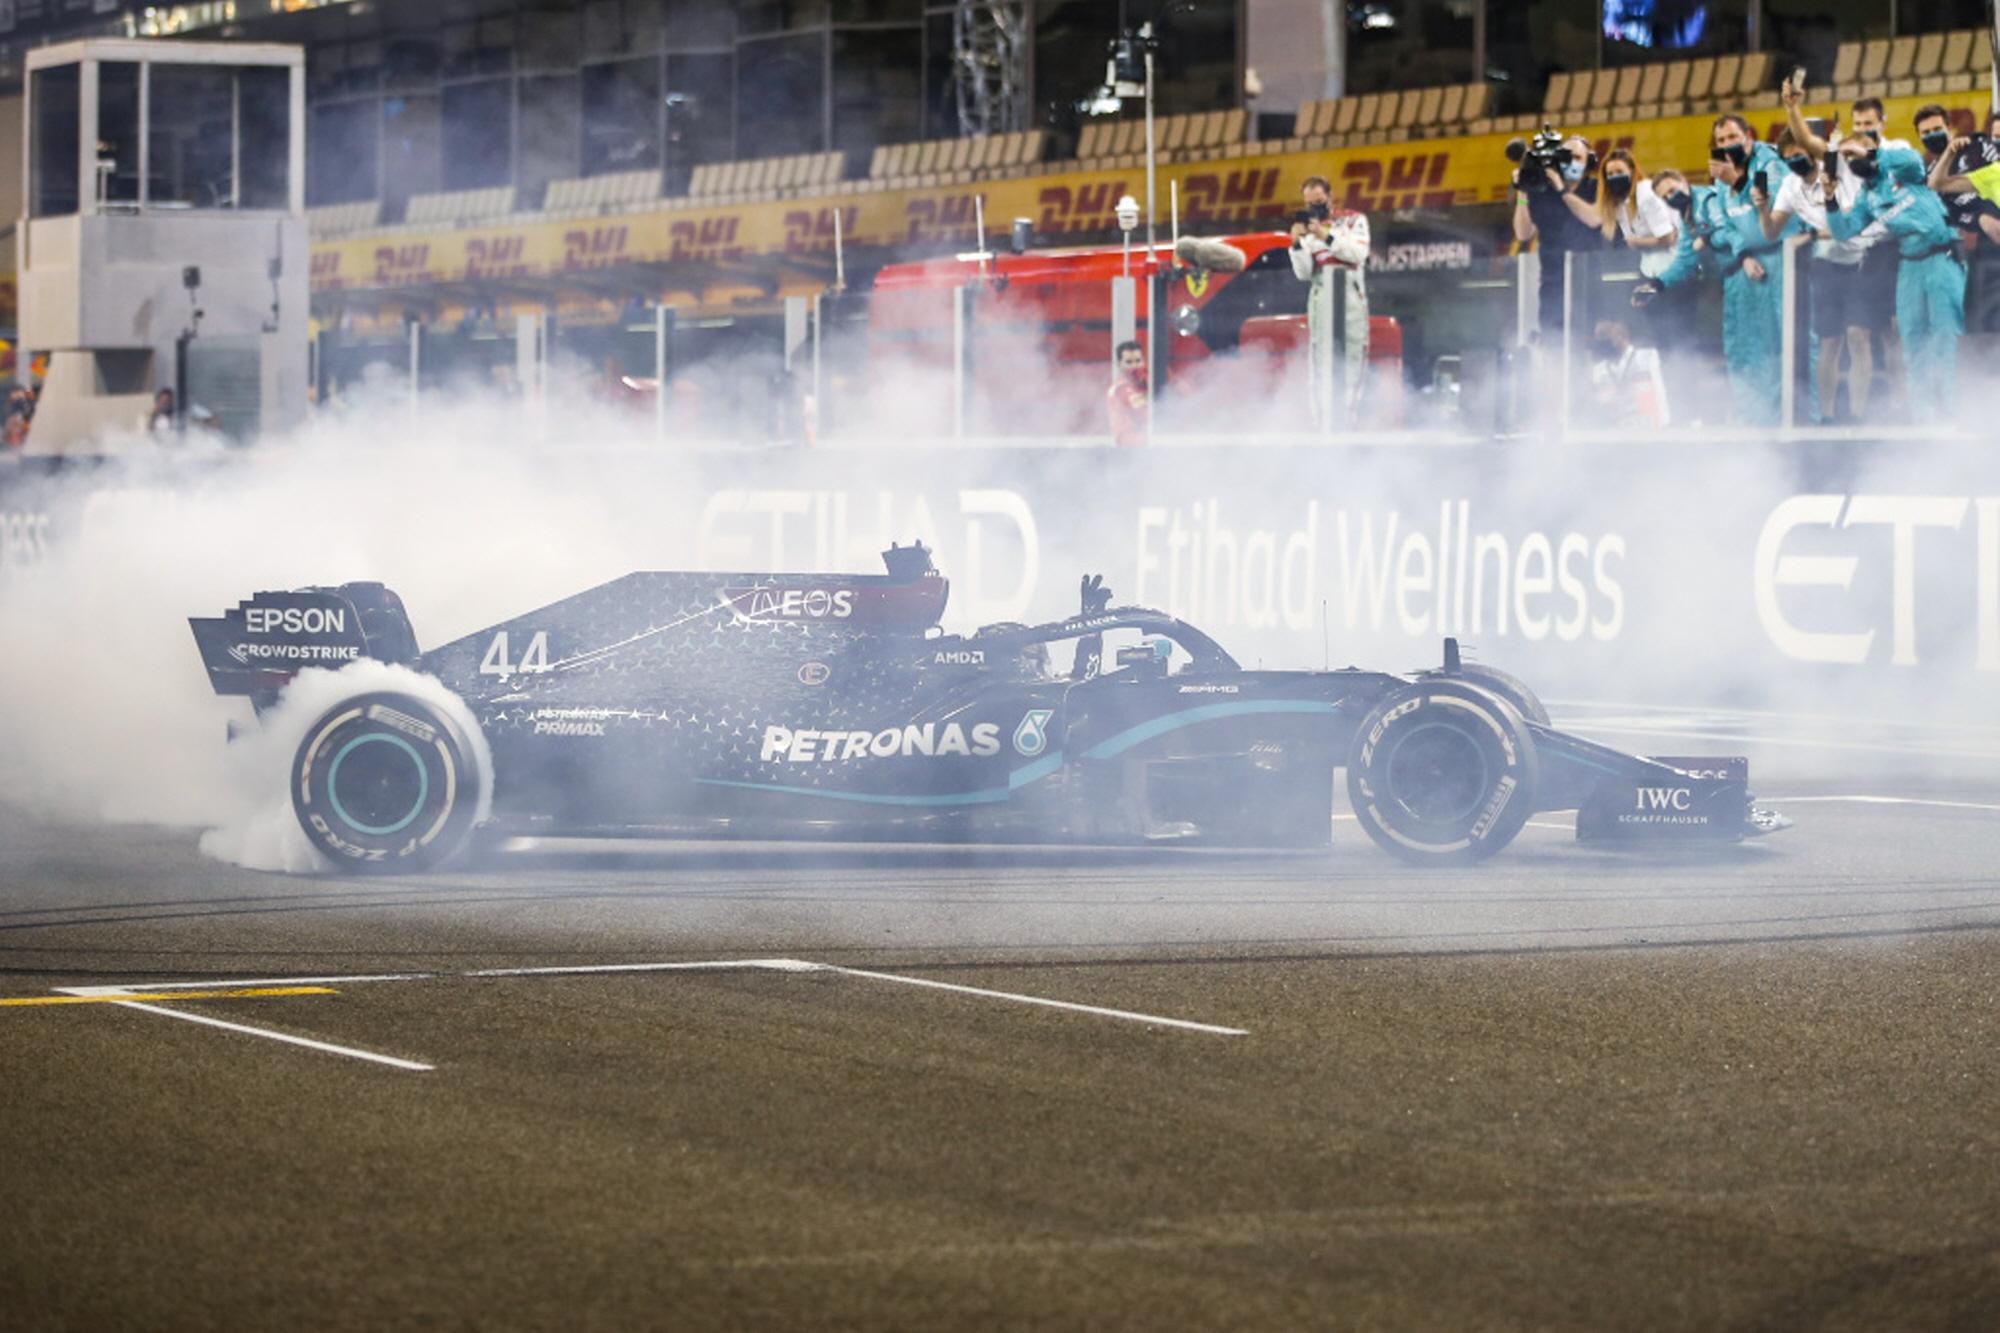 메르세데스 AMG F1, 아부다비 그랑프리 더블 포디움 기록